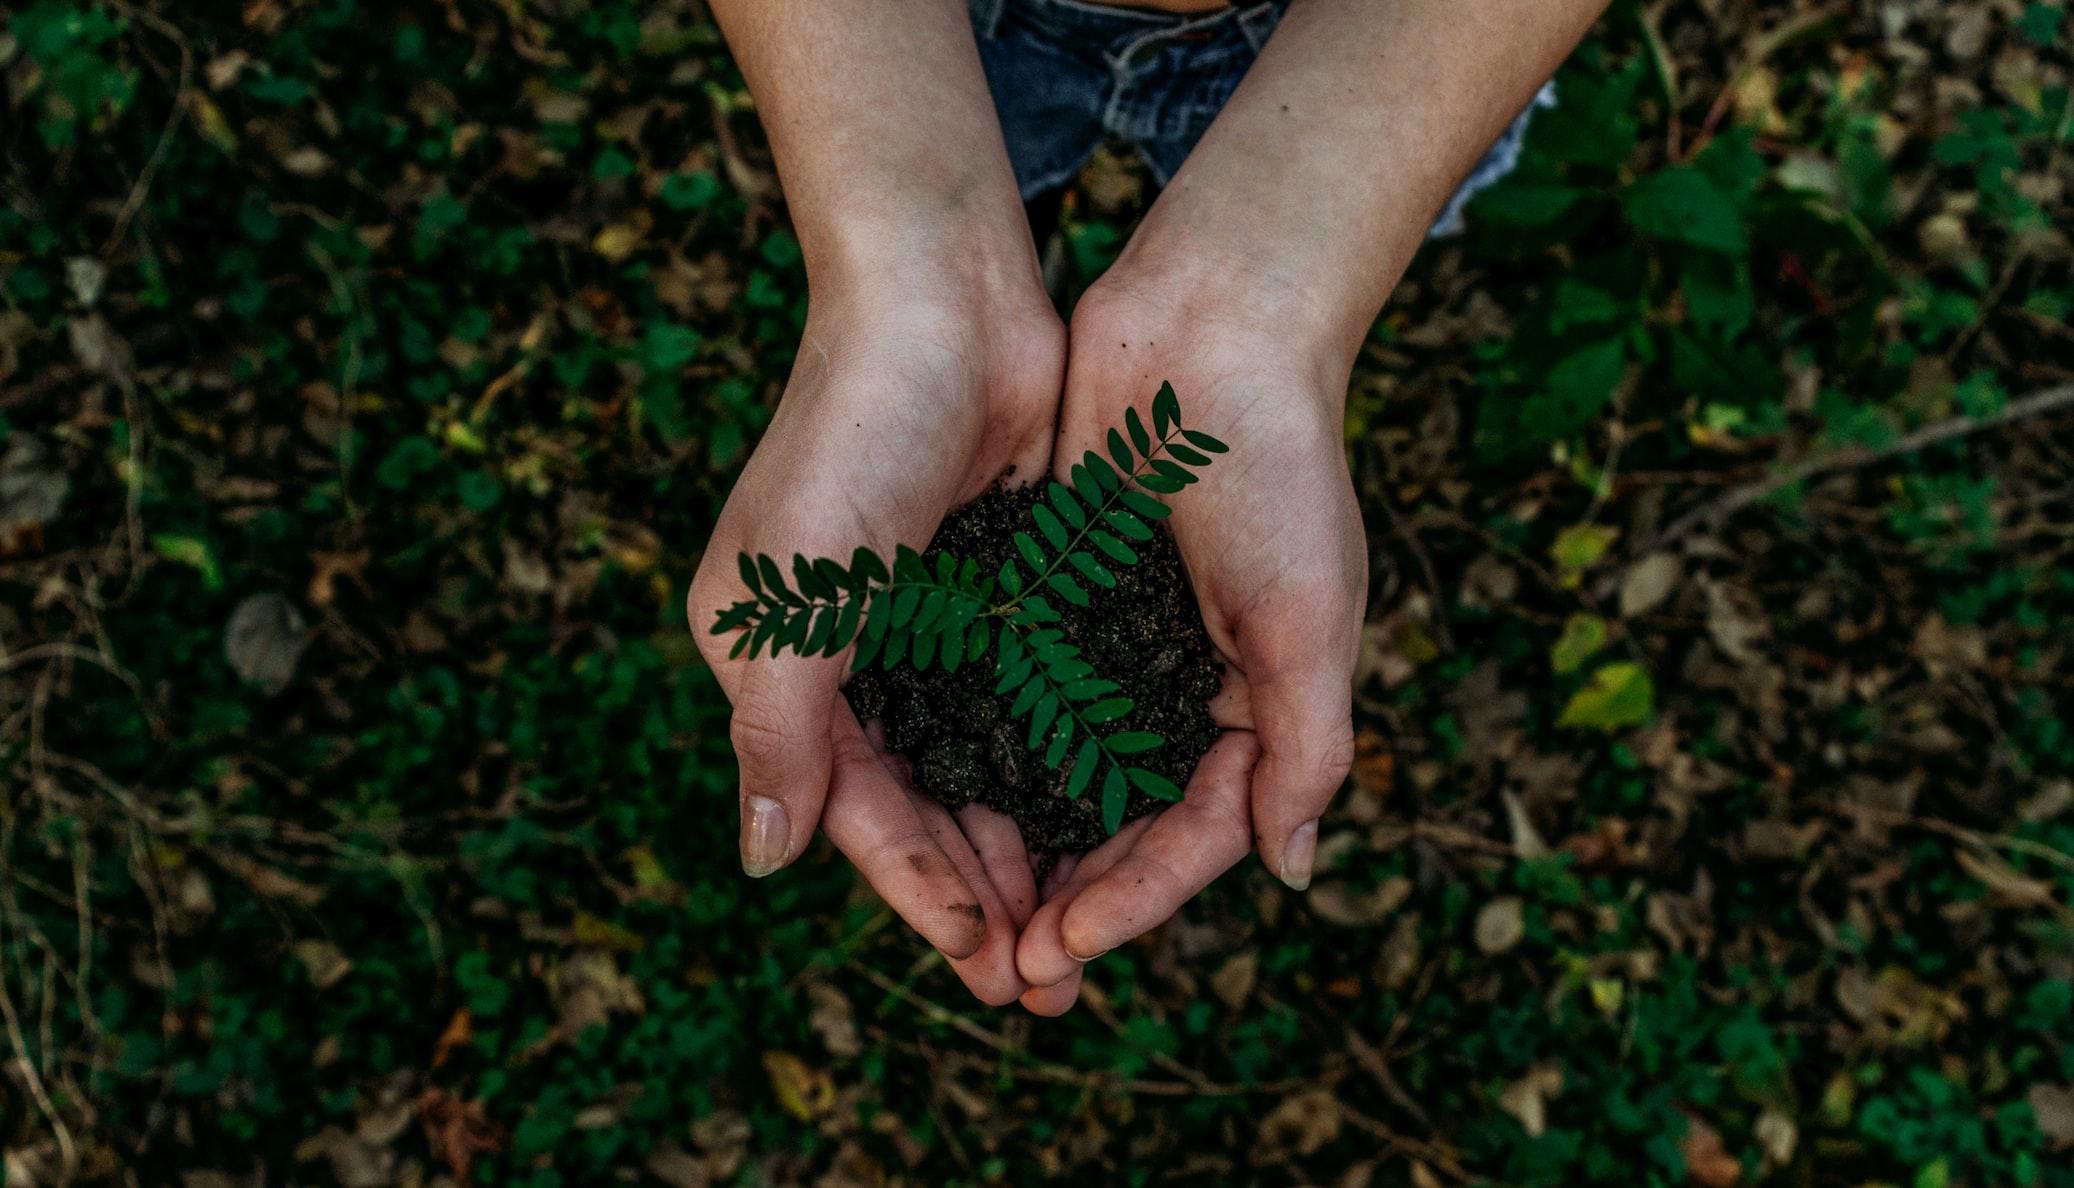 Kleine Pflanze in einer Hand als Symbol für Nachhaltigkeit